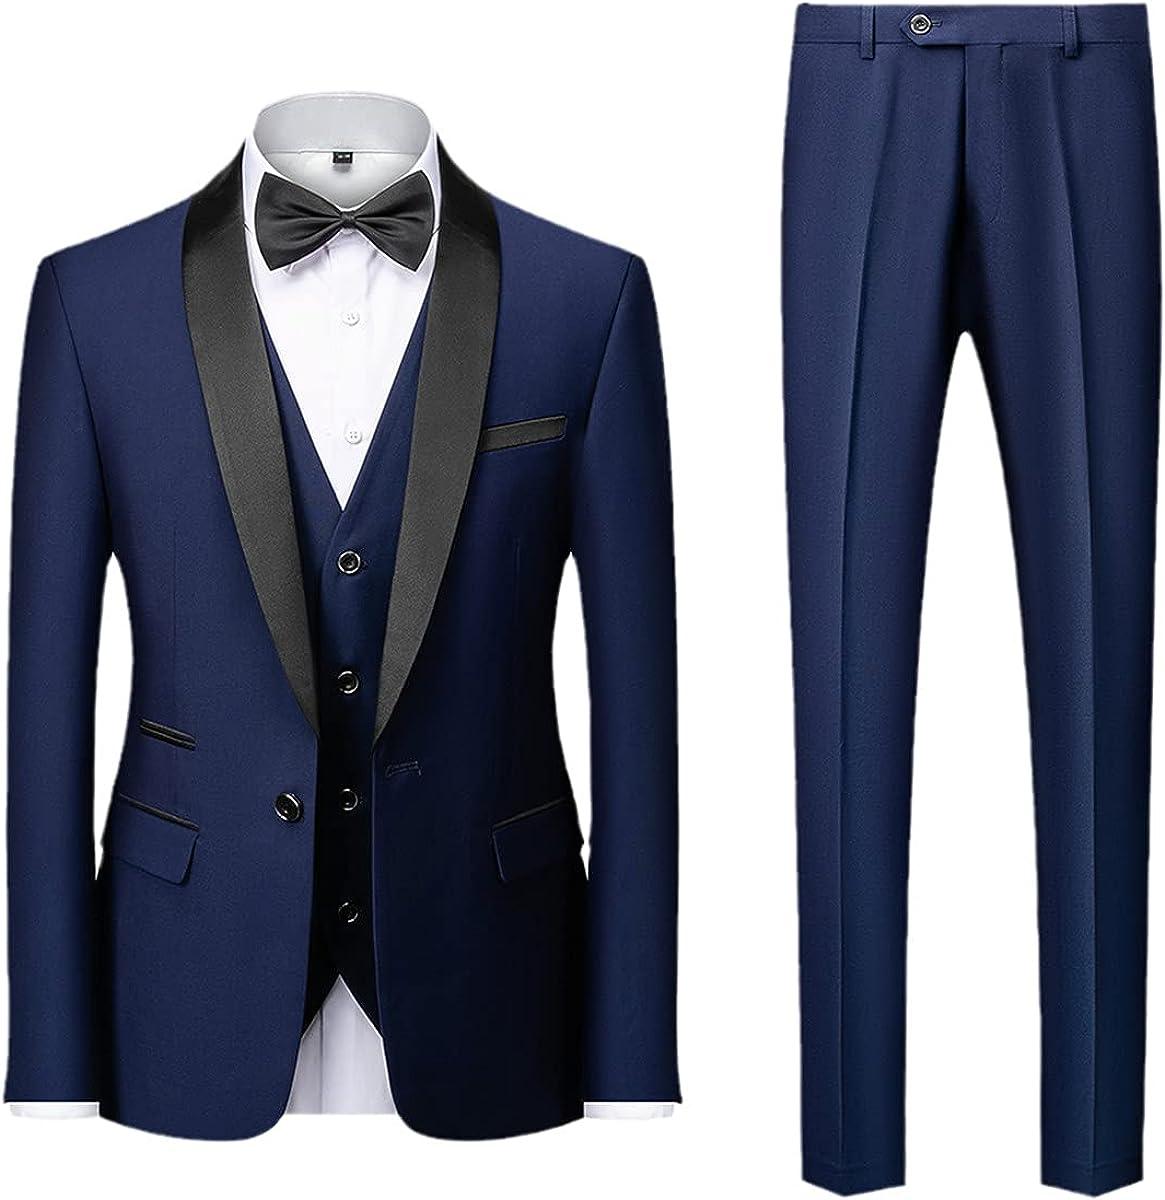 Men's Color Block Collar Suit Jacket Trousers Vest Business Casual Wedding Suit Jacket Vest Pants 3-Piece Set